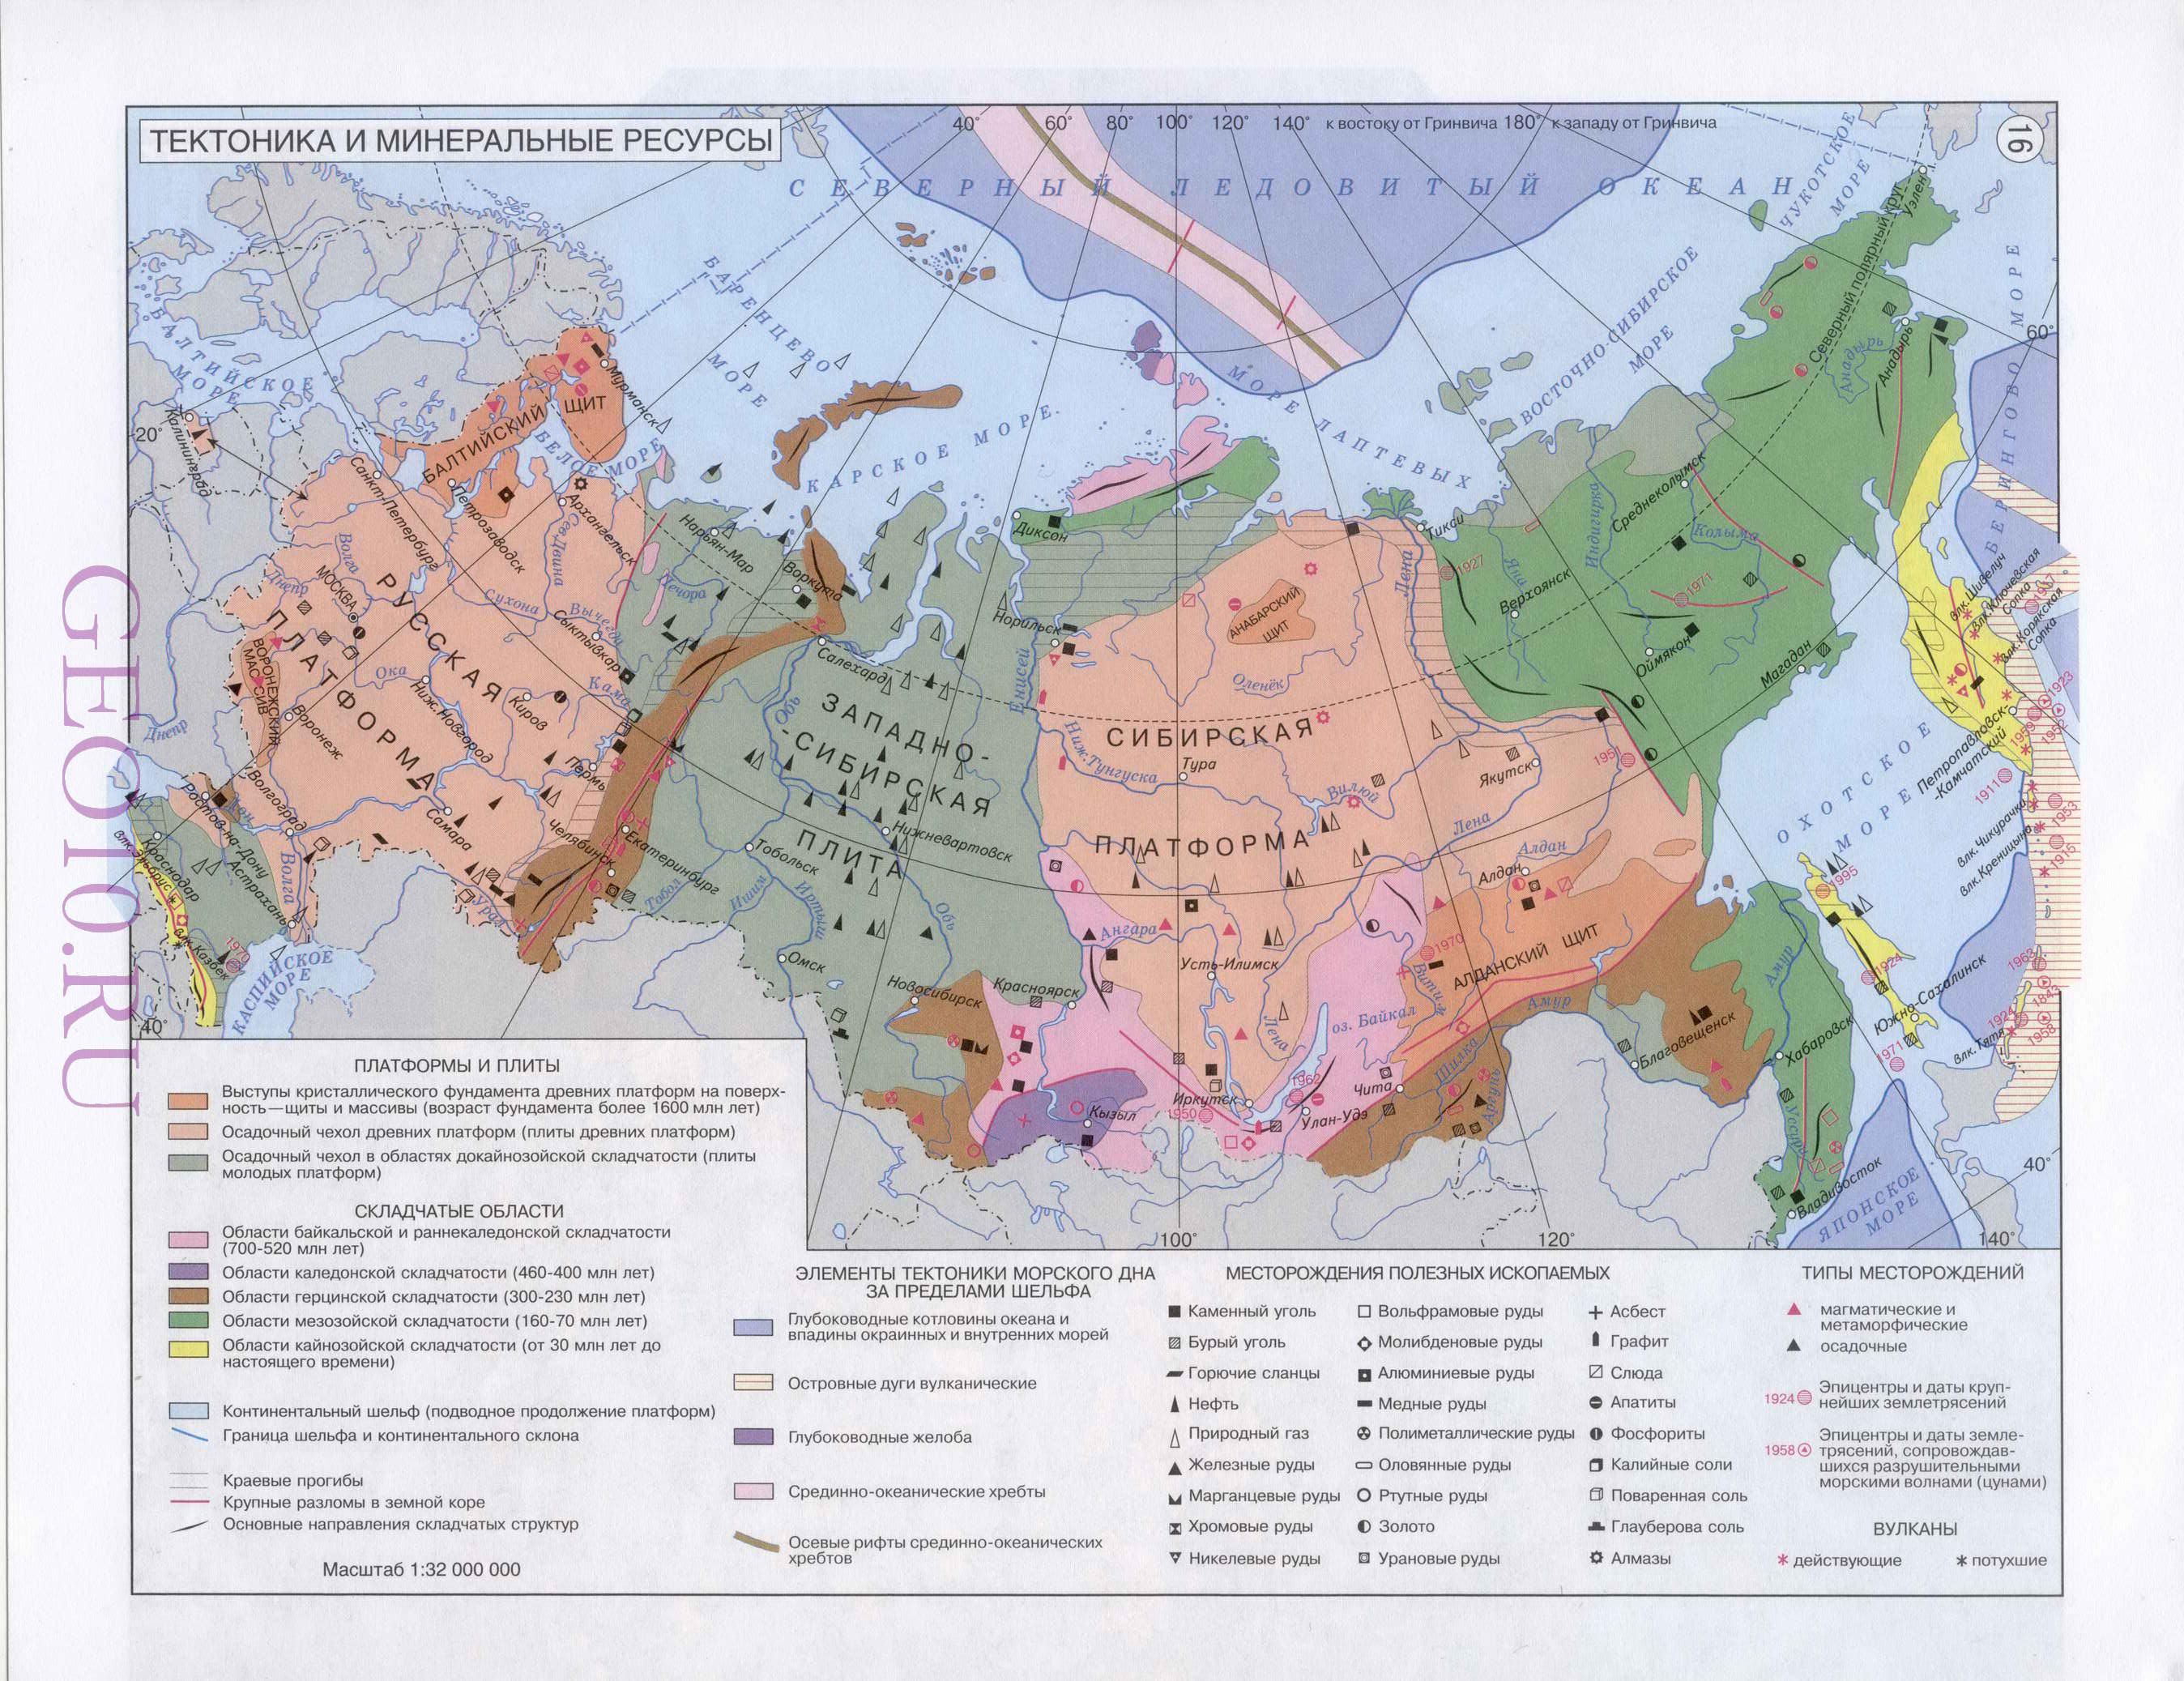 Доклад по географии минеральные ресурсы россии 5508